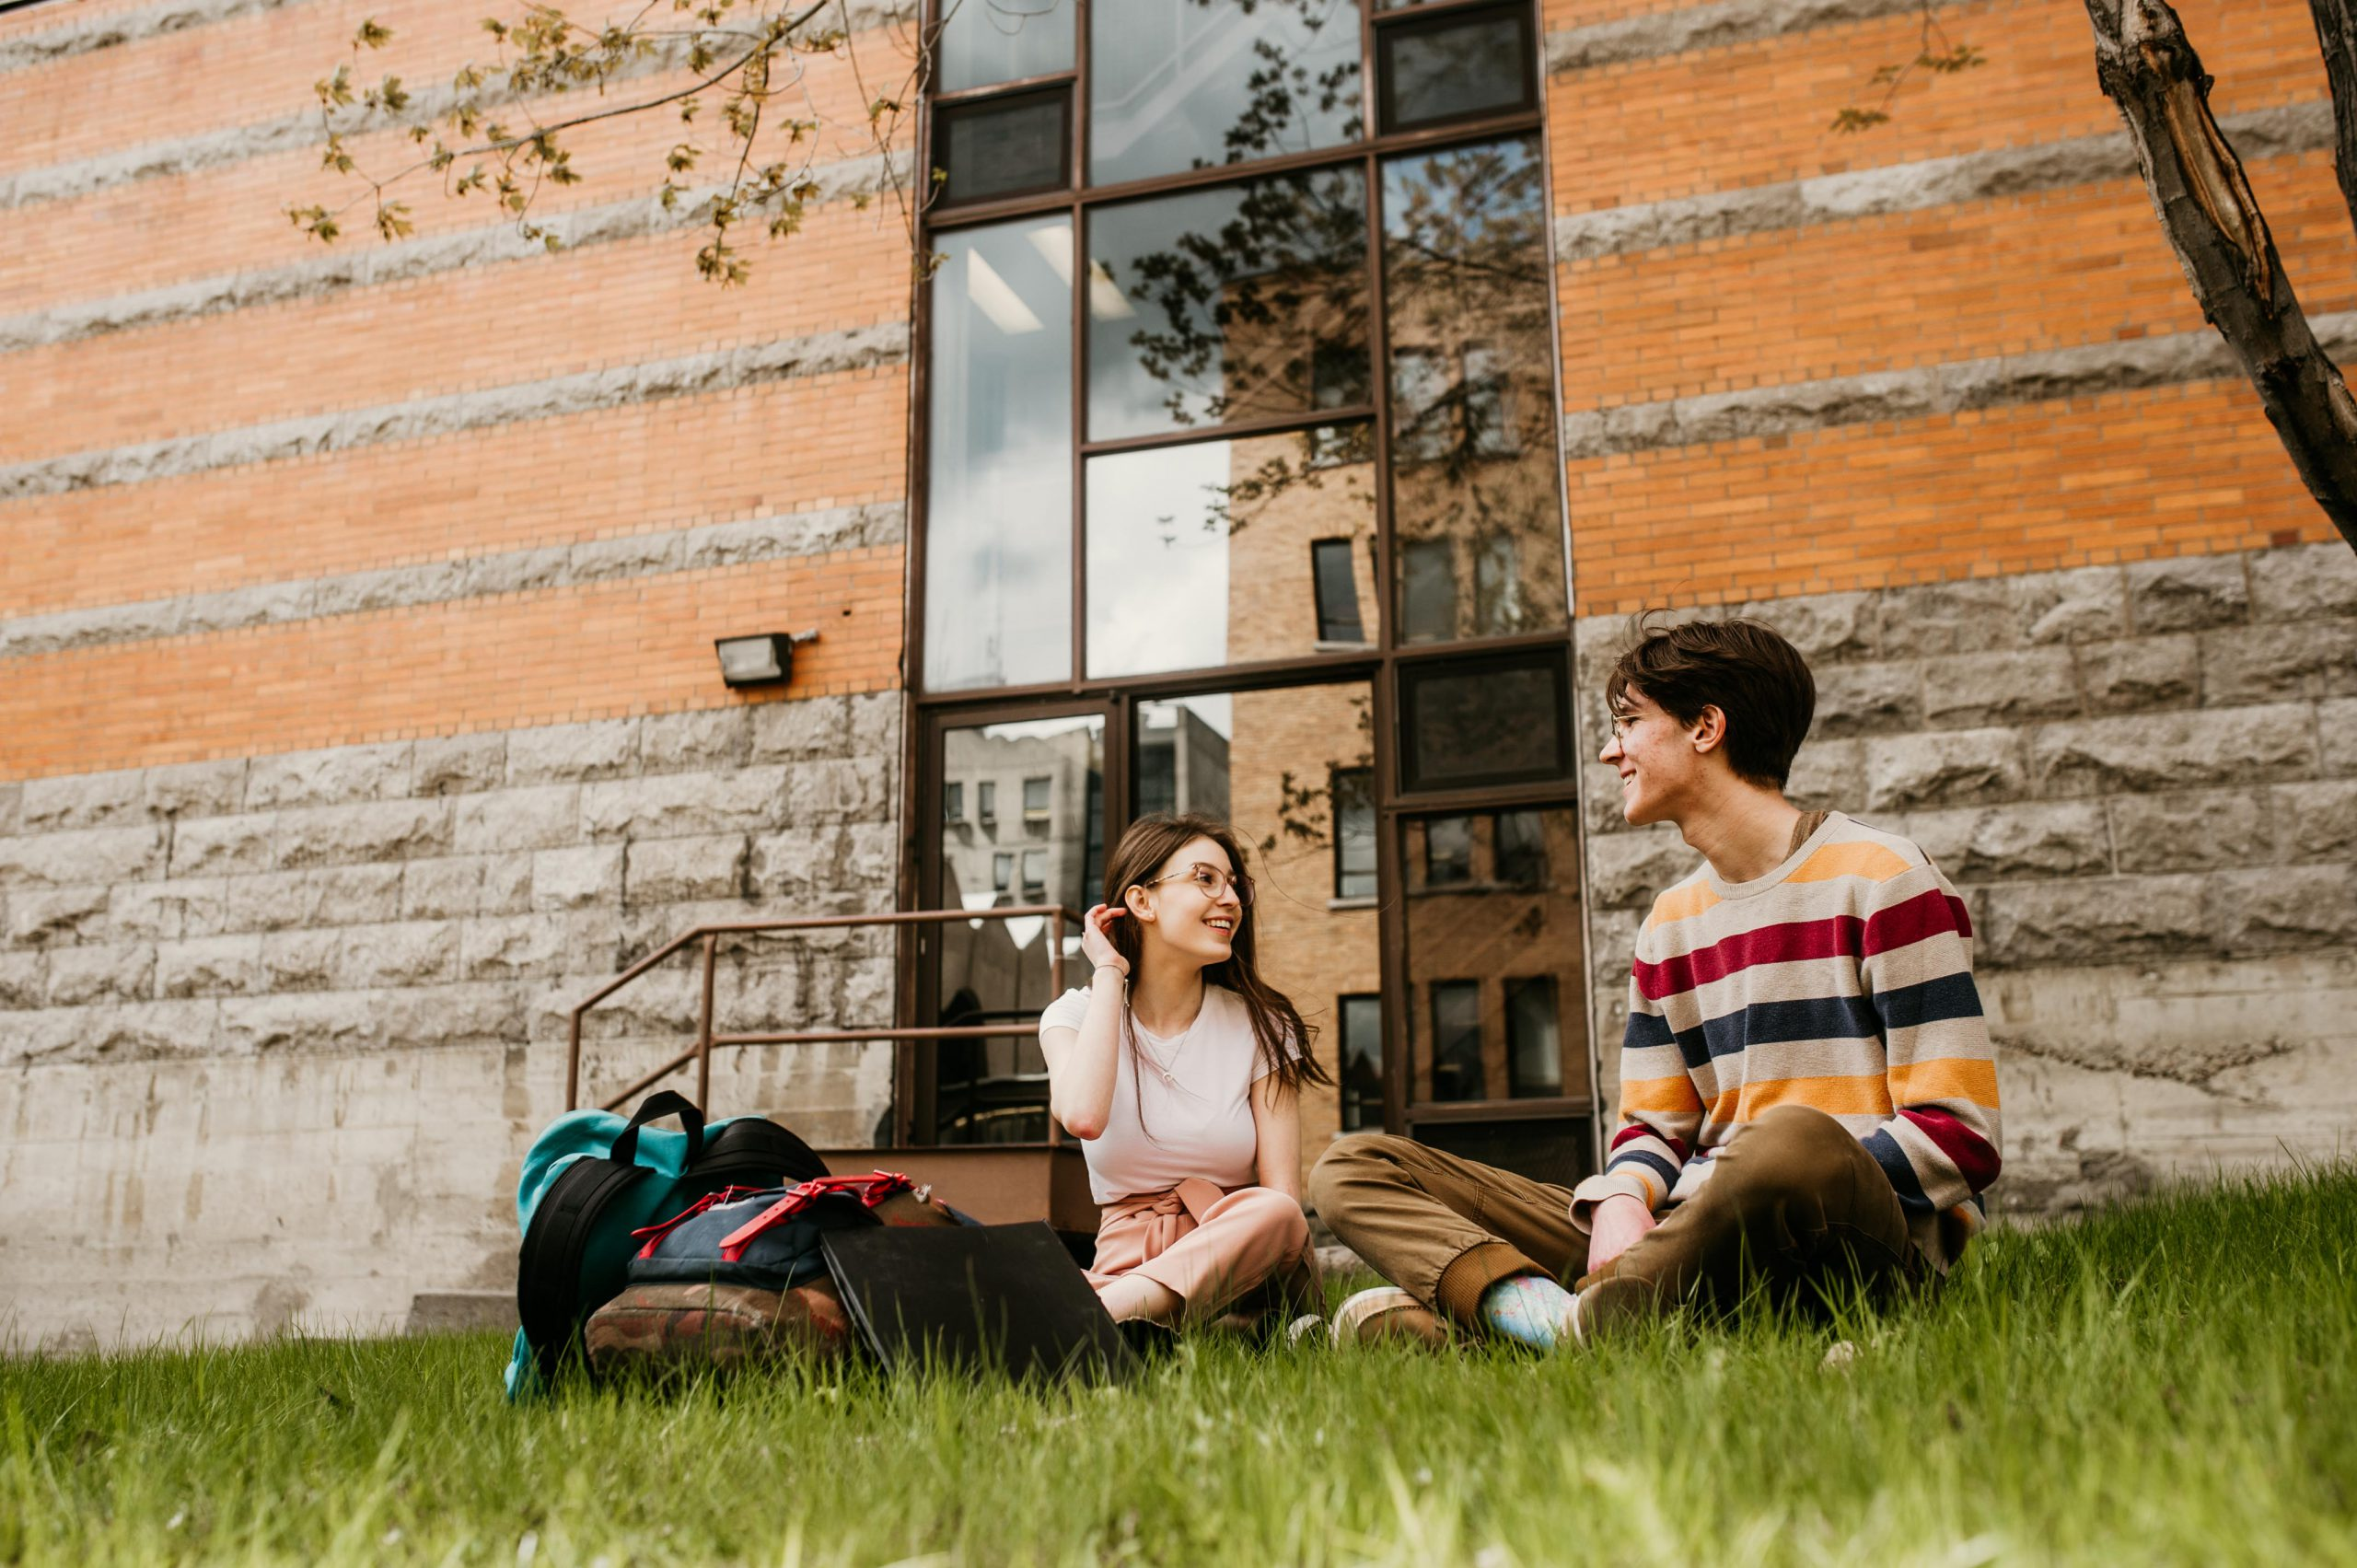 5 bonnes raisons d'étudier au Cégep de Chicoutimi. Milieu de vie centré sur l'étudiant, soutien aux apprentissages, qualité de l'enseignement, bourses d'études et situation géographique avantageuse. Ton Cégep. Centré sur toi.